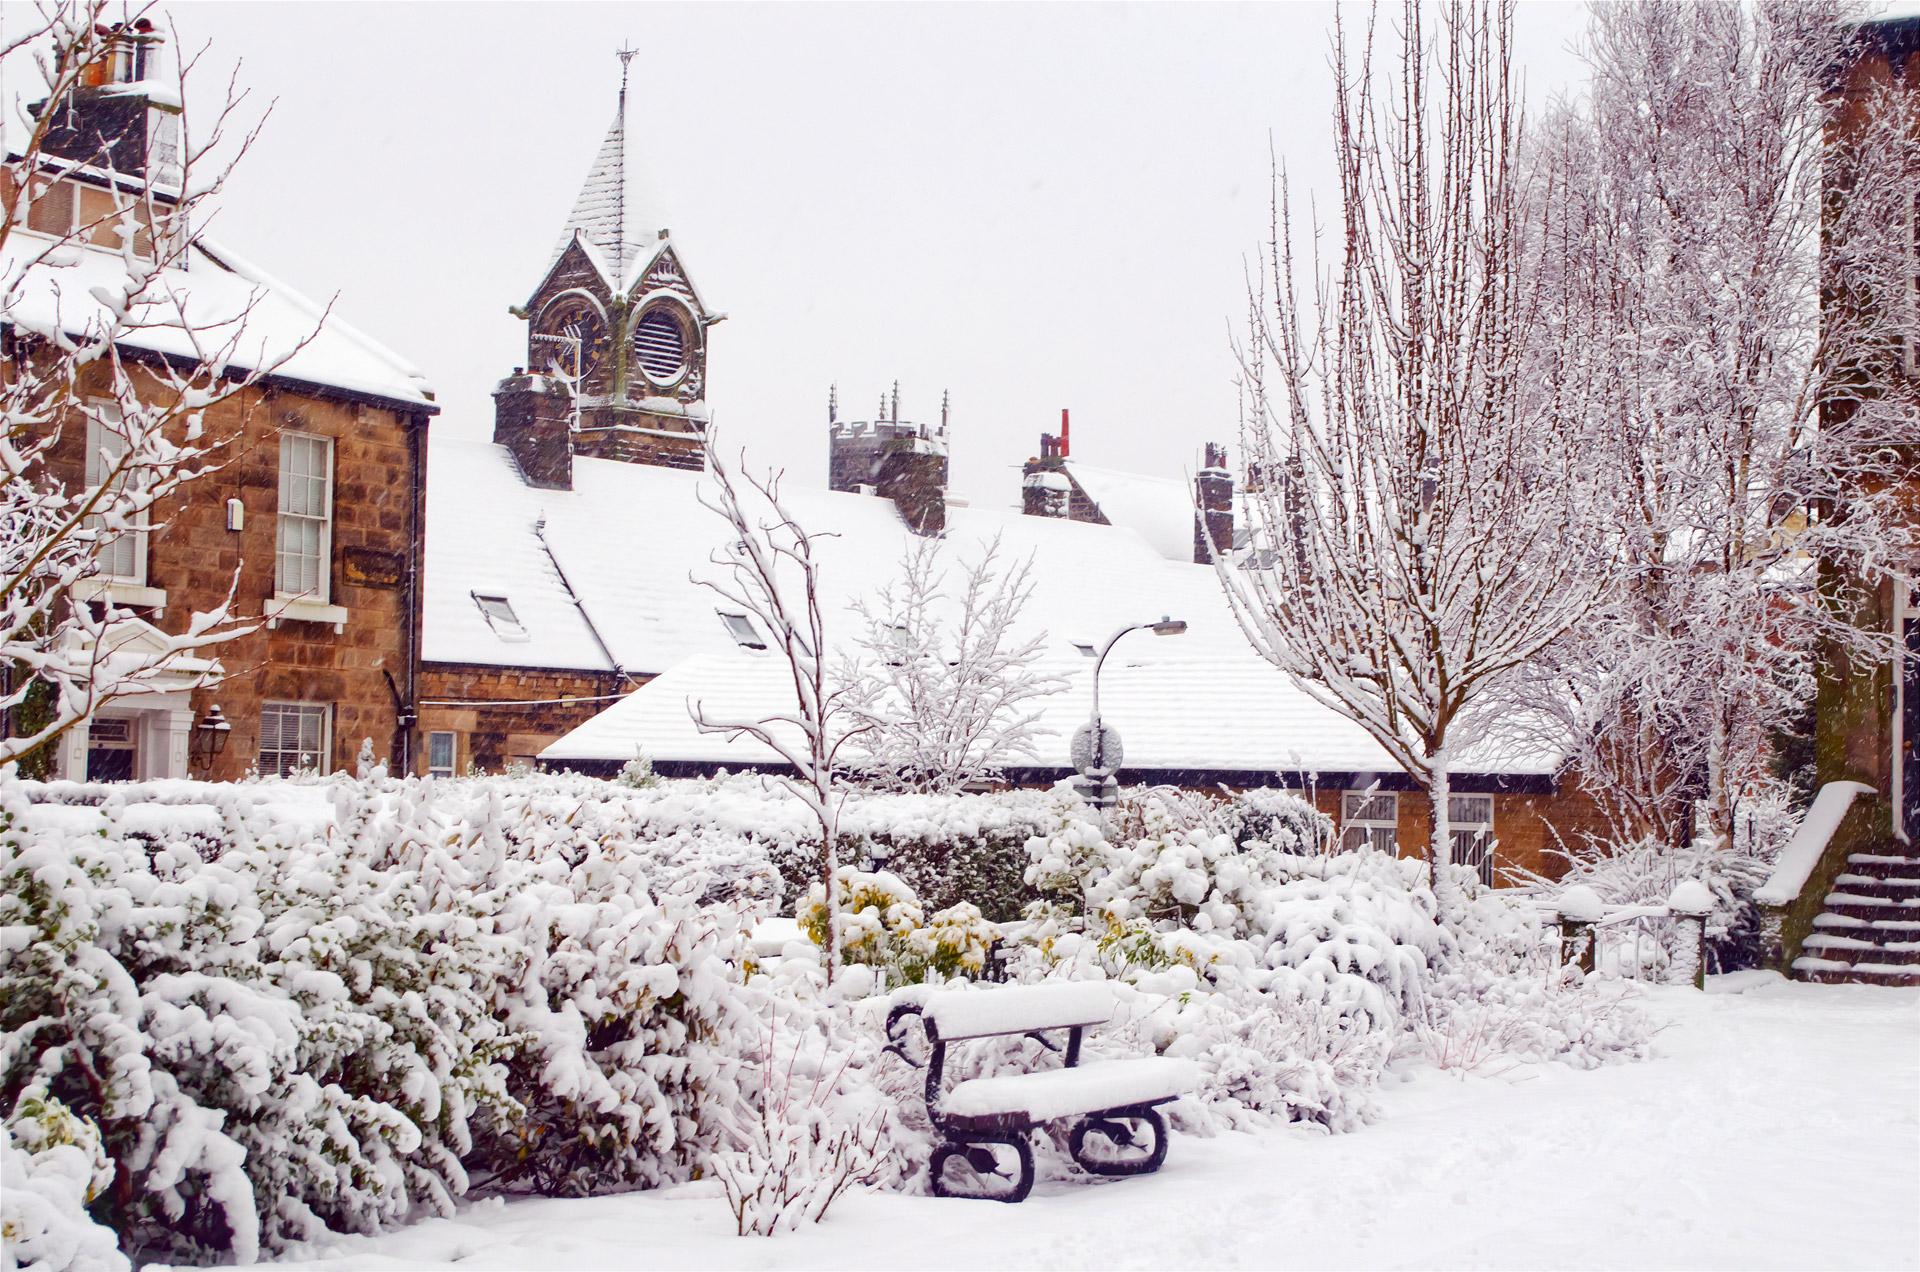 snowy-building.jpg